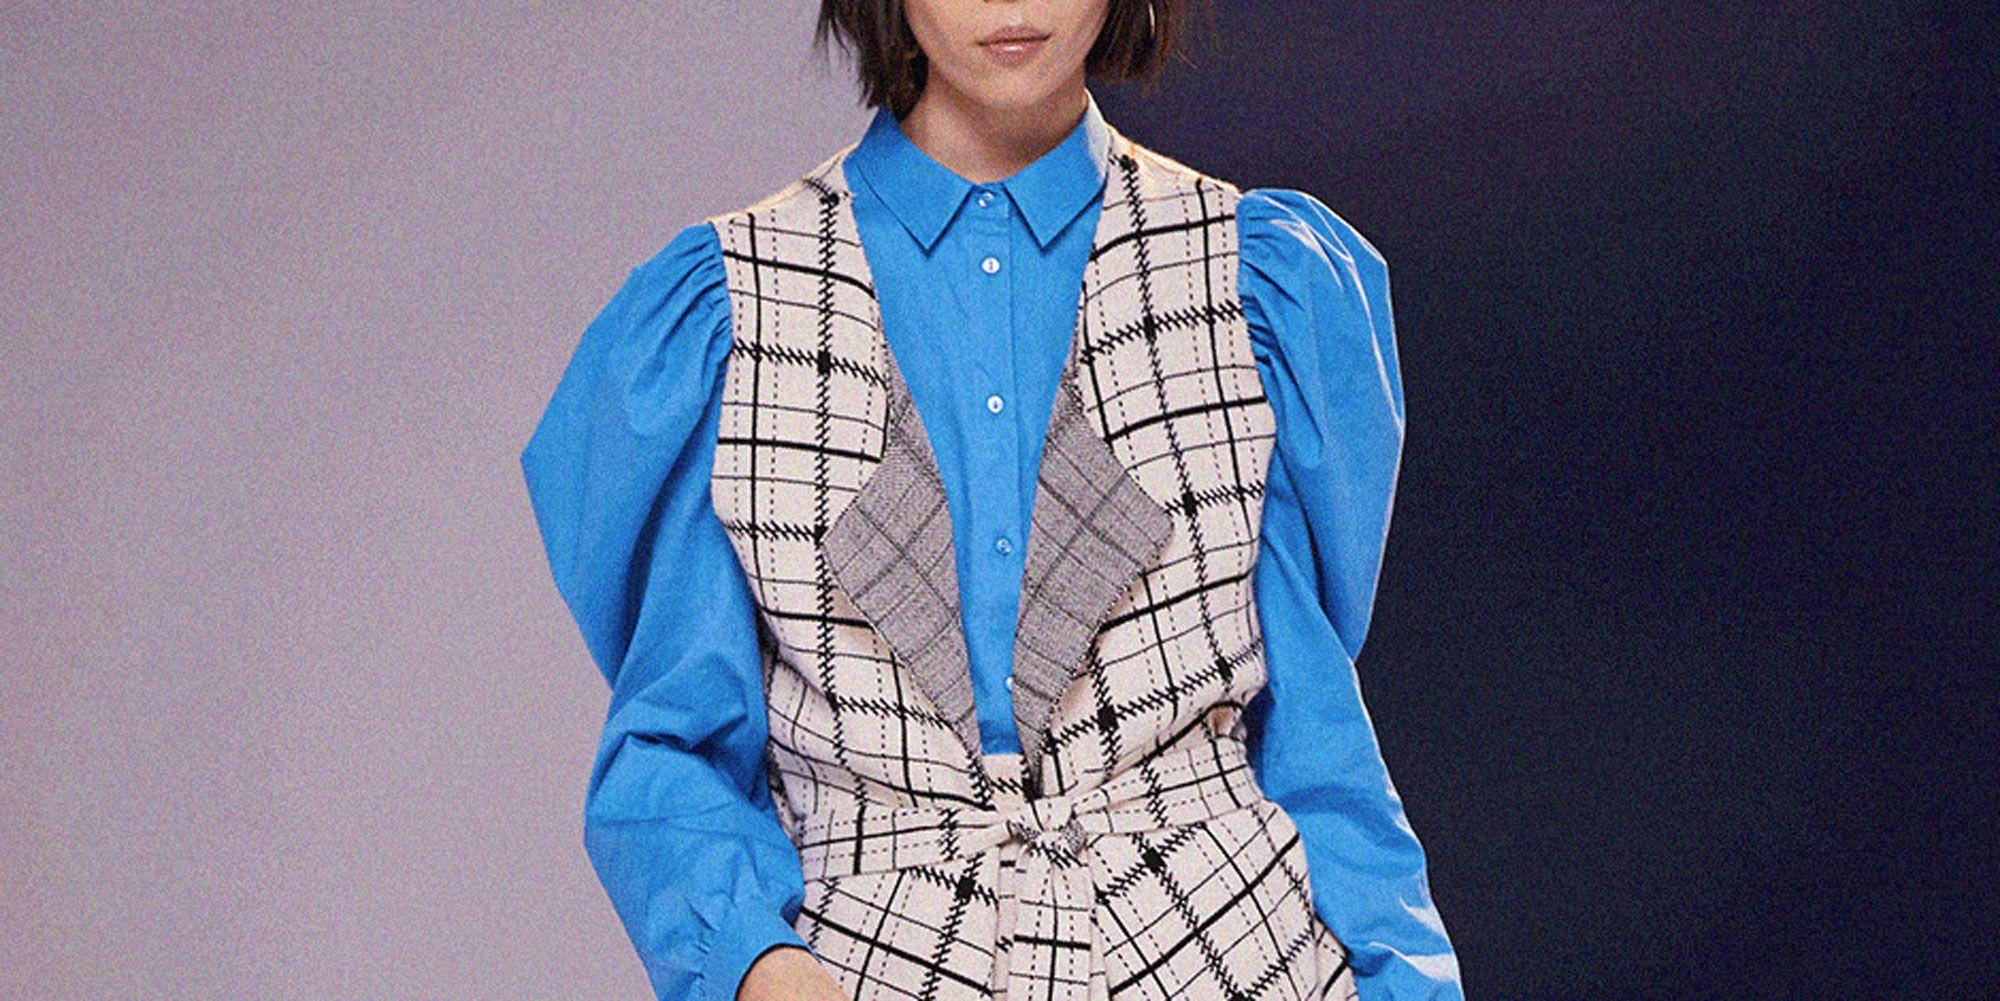 Vestiti Eleganti 30 Euro.Vestiti Primavera 2020 15 Vestiti Moda Di Primark Sotto I 30